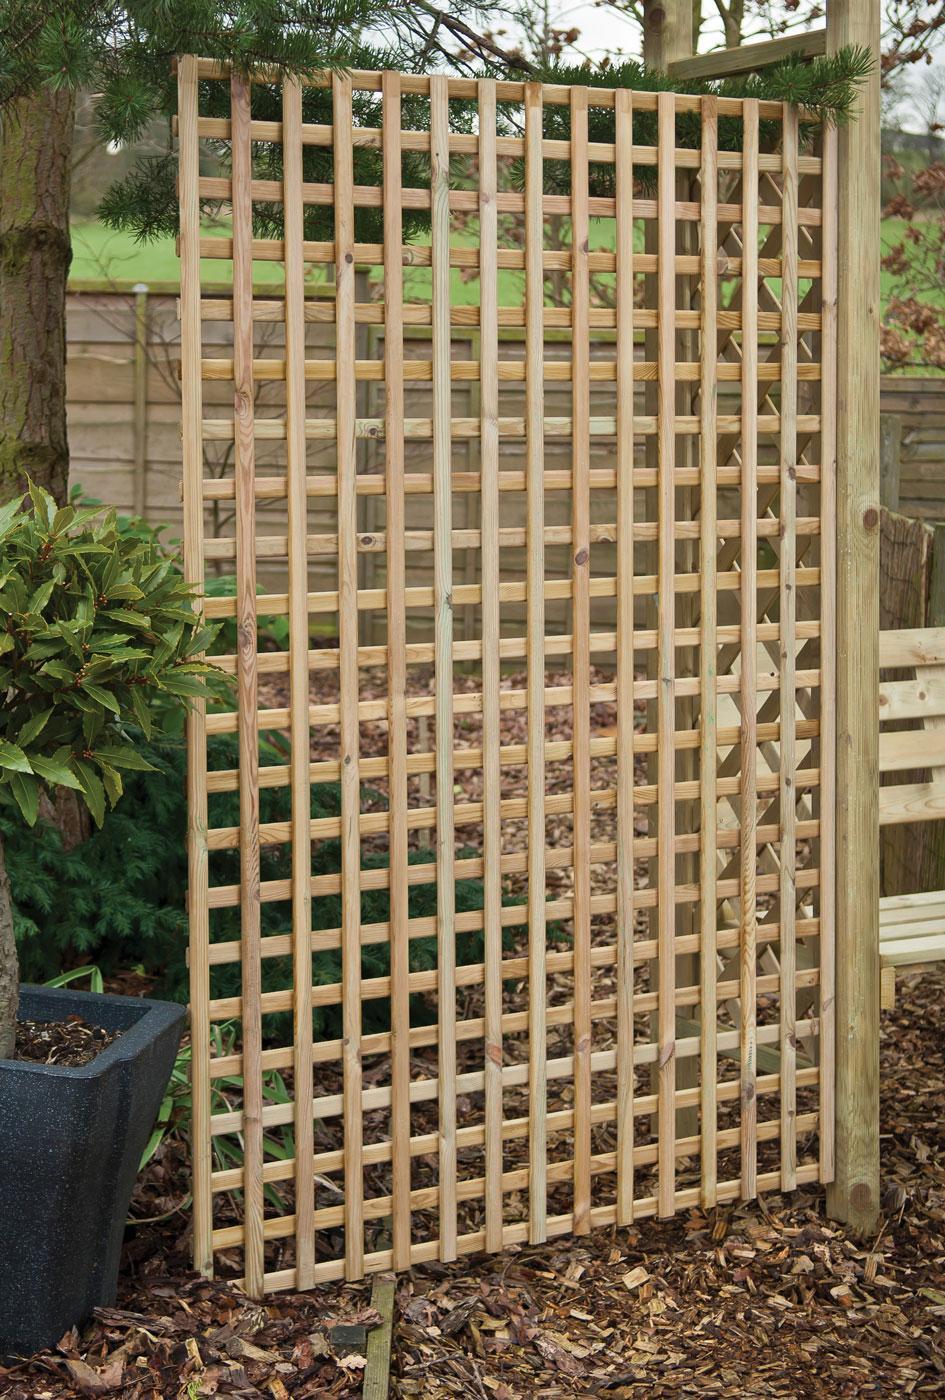 fencing panels timber fencing garden fence trellis. Black Bedroom Furniture Sets. Home Design Ideas